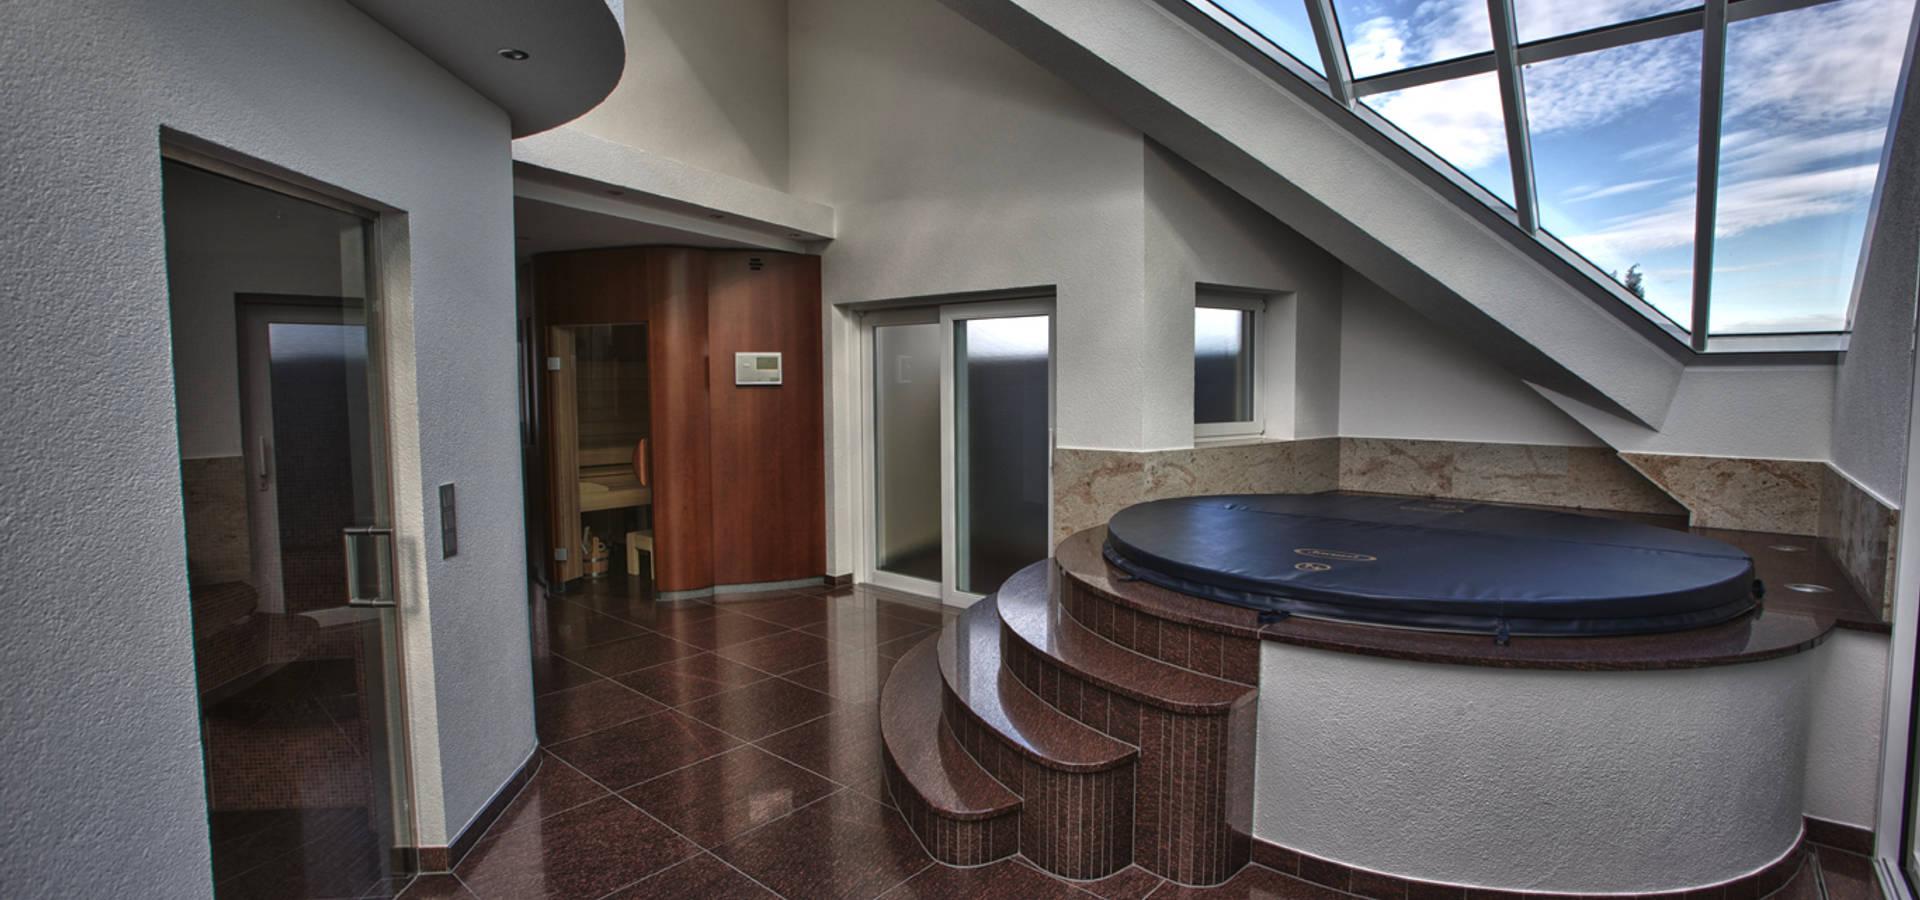 granit bearbeiten simple dieser unterkunft with granit bearbeiten amazing aus granit und. Black Bedroom Furniture Sets. Home Design Ideas